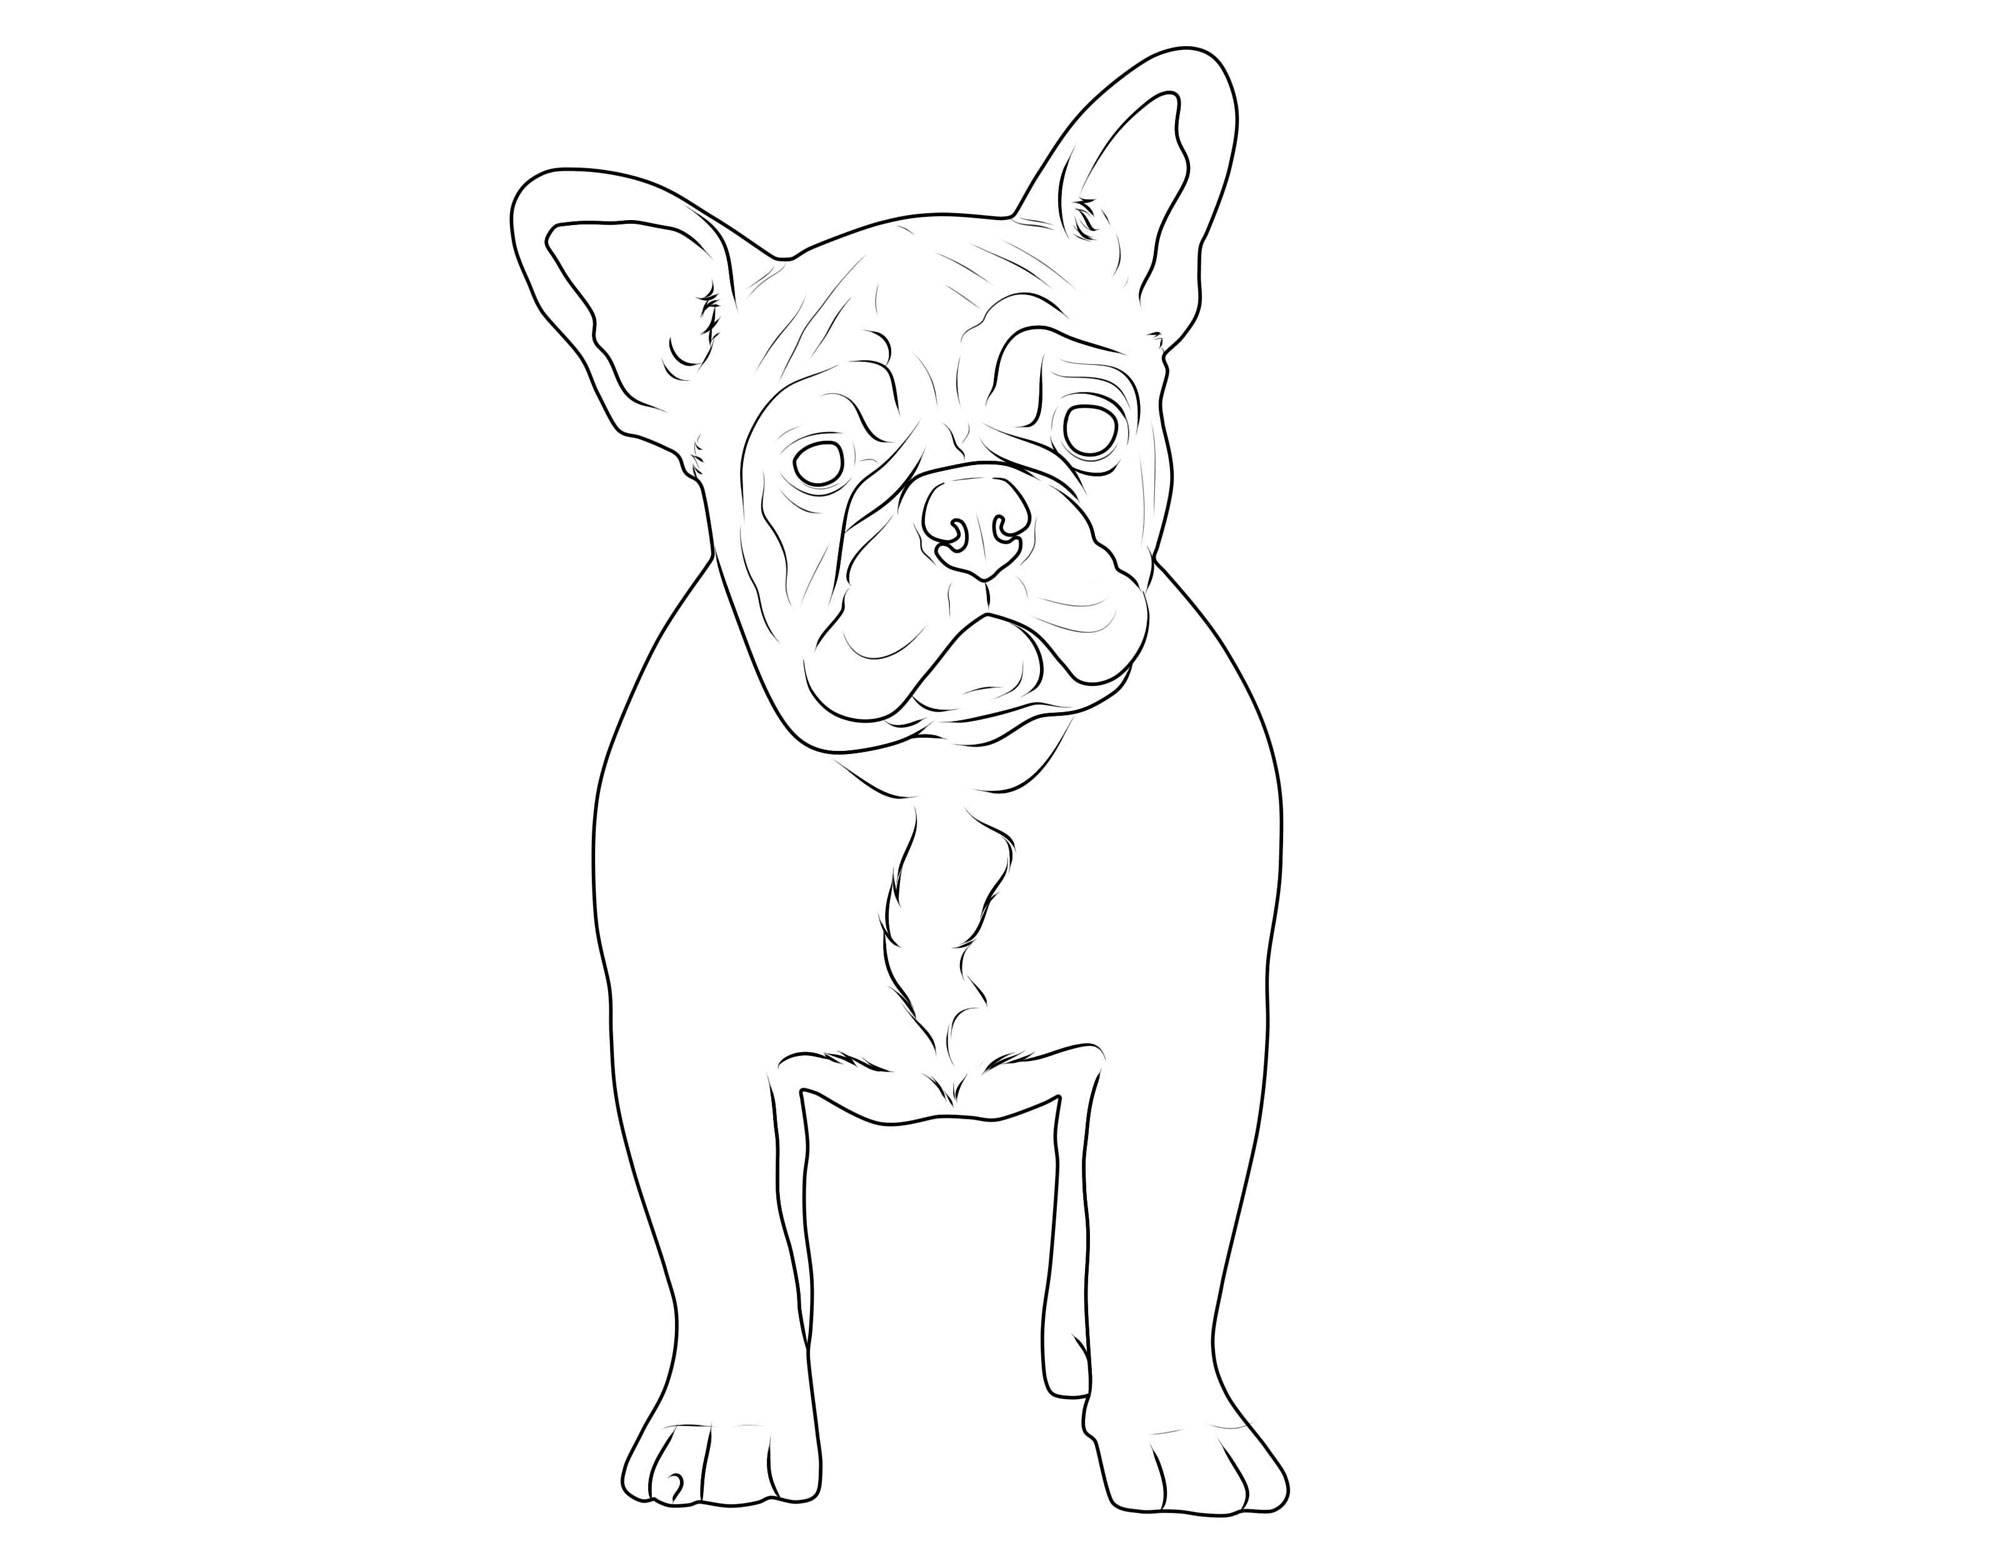 Ausmalbild Hunde Französische Bulldogge kostenlos ausdrucken